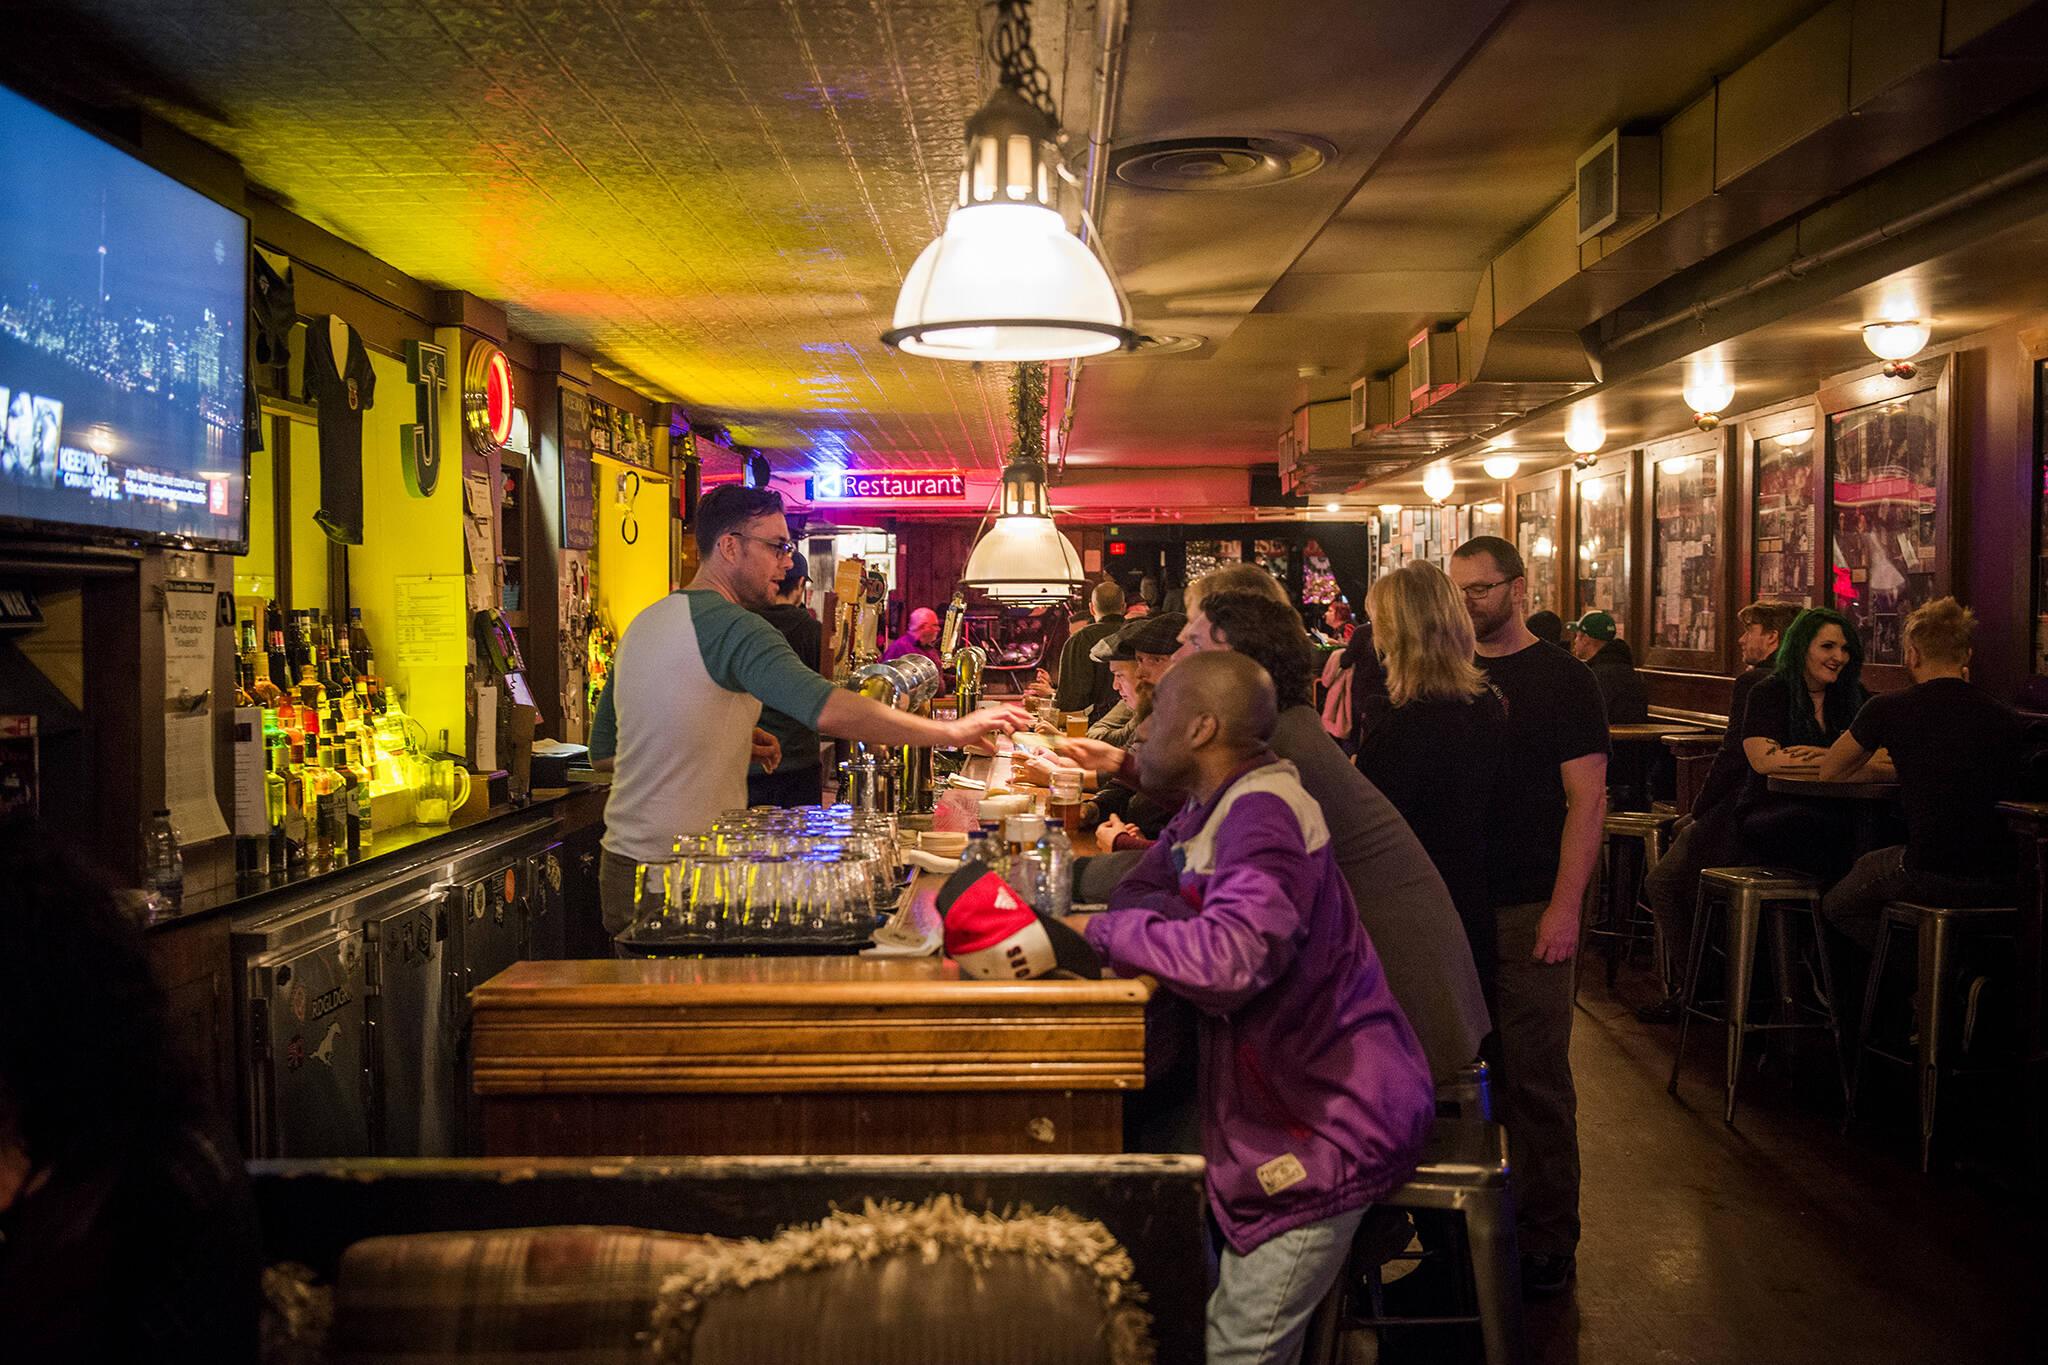 Horseshoe Tavern Toronto